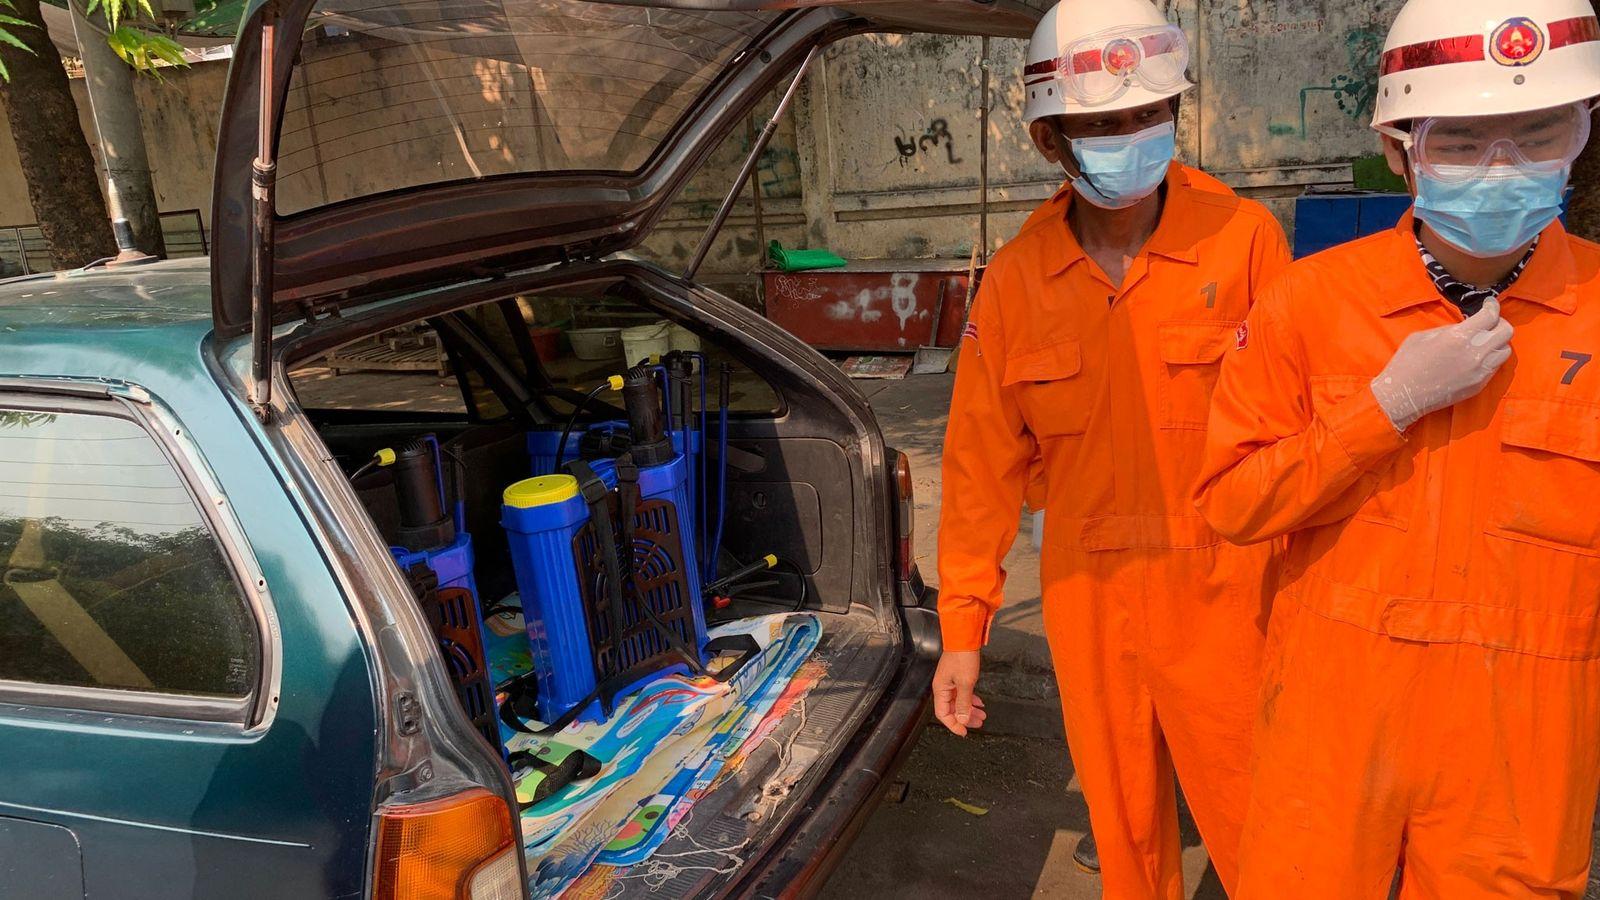 Des agents d'entretien de la ville de Mandalay, deuxième ville du Myanmar, se préparent à pulvériser du ...